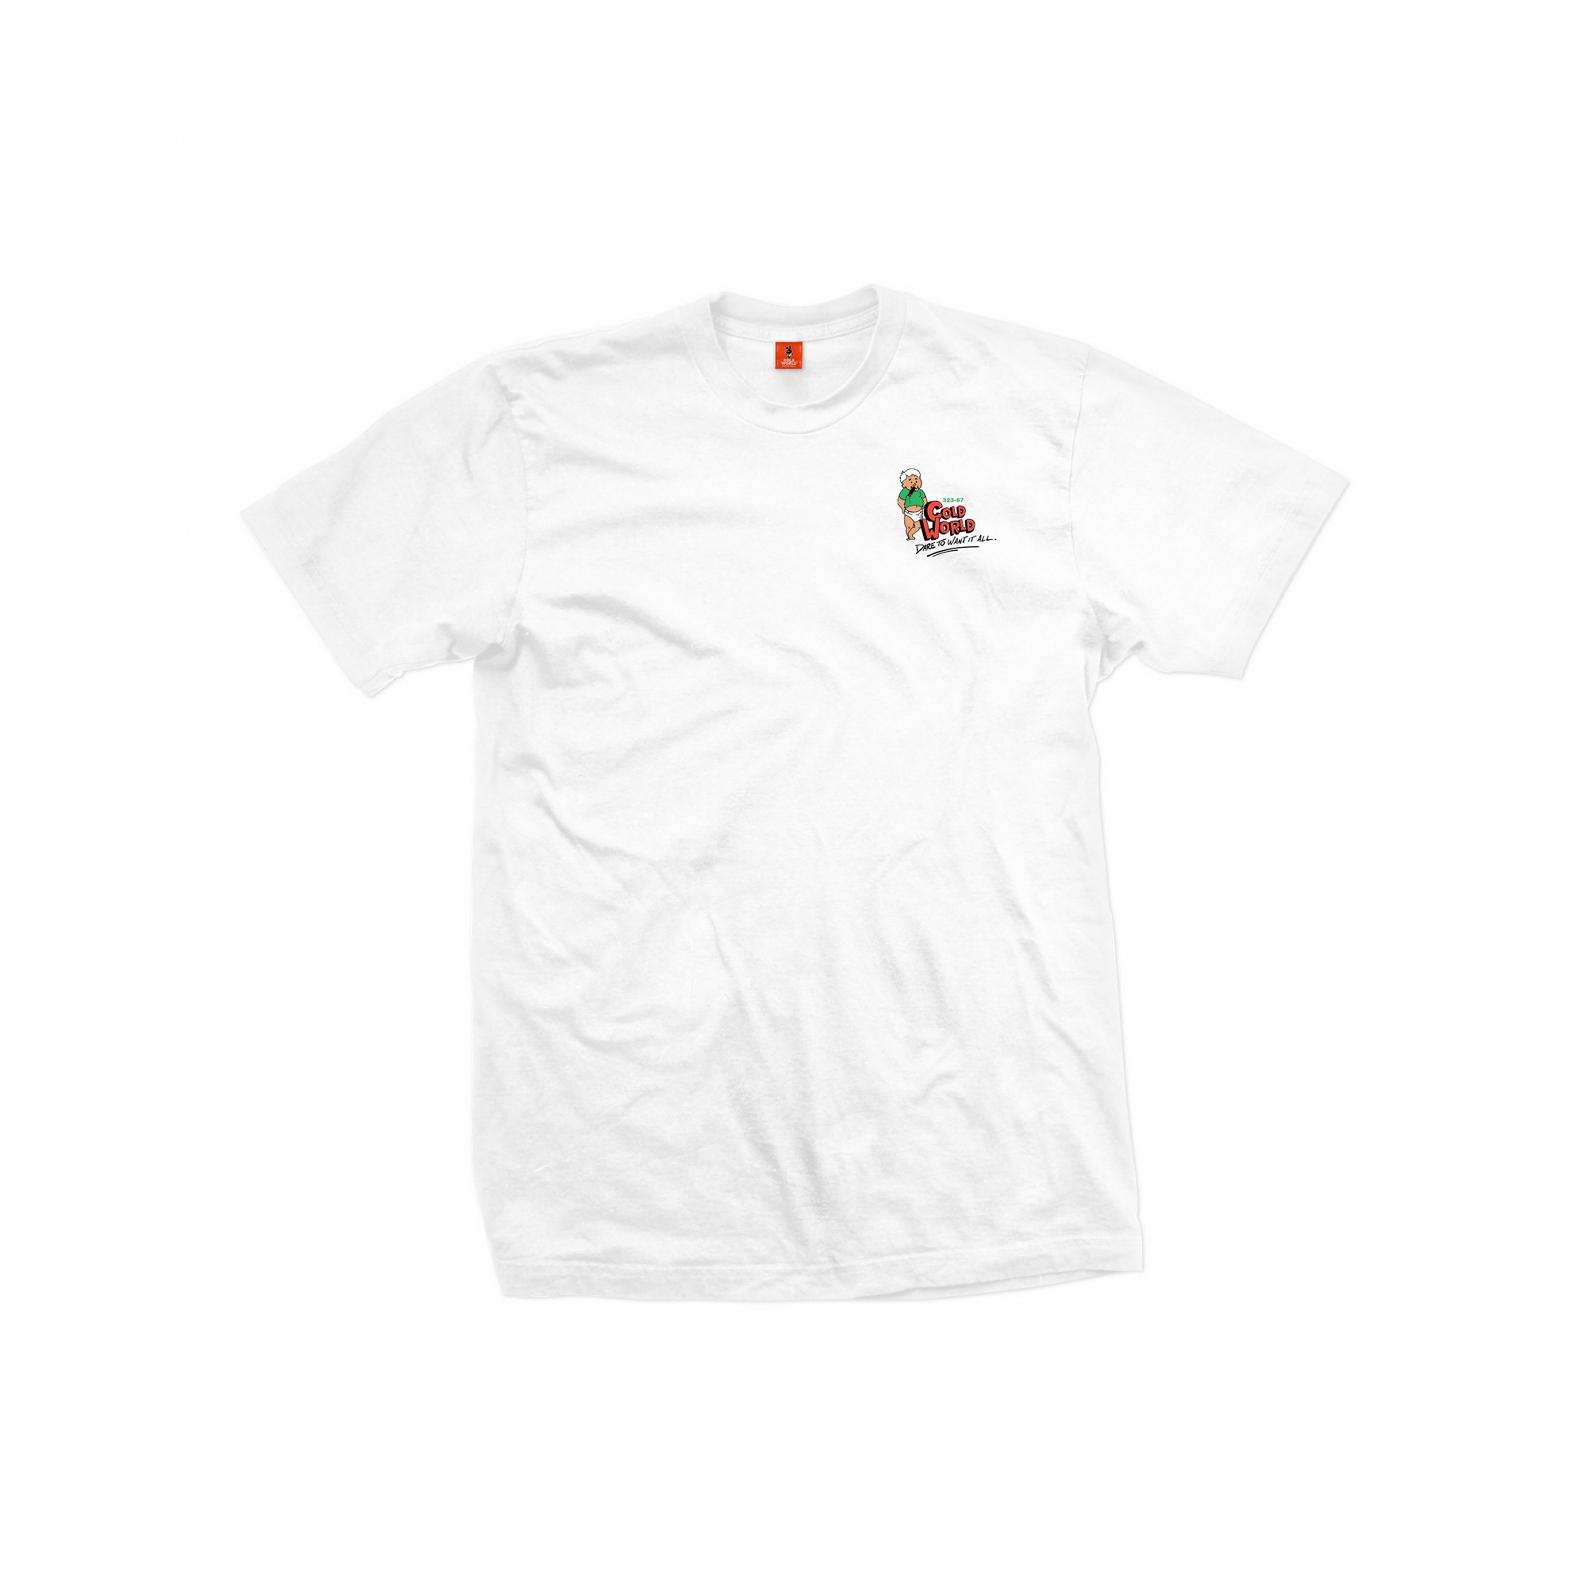 【COLD WORLD FROZEN GOODS/コールドワールドフローズングッズ】BORN WINNER T-SHIRT Tシャツ / WHITE